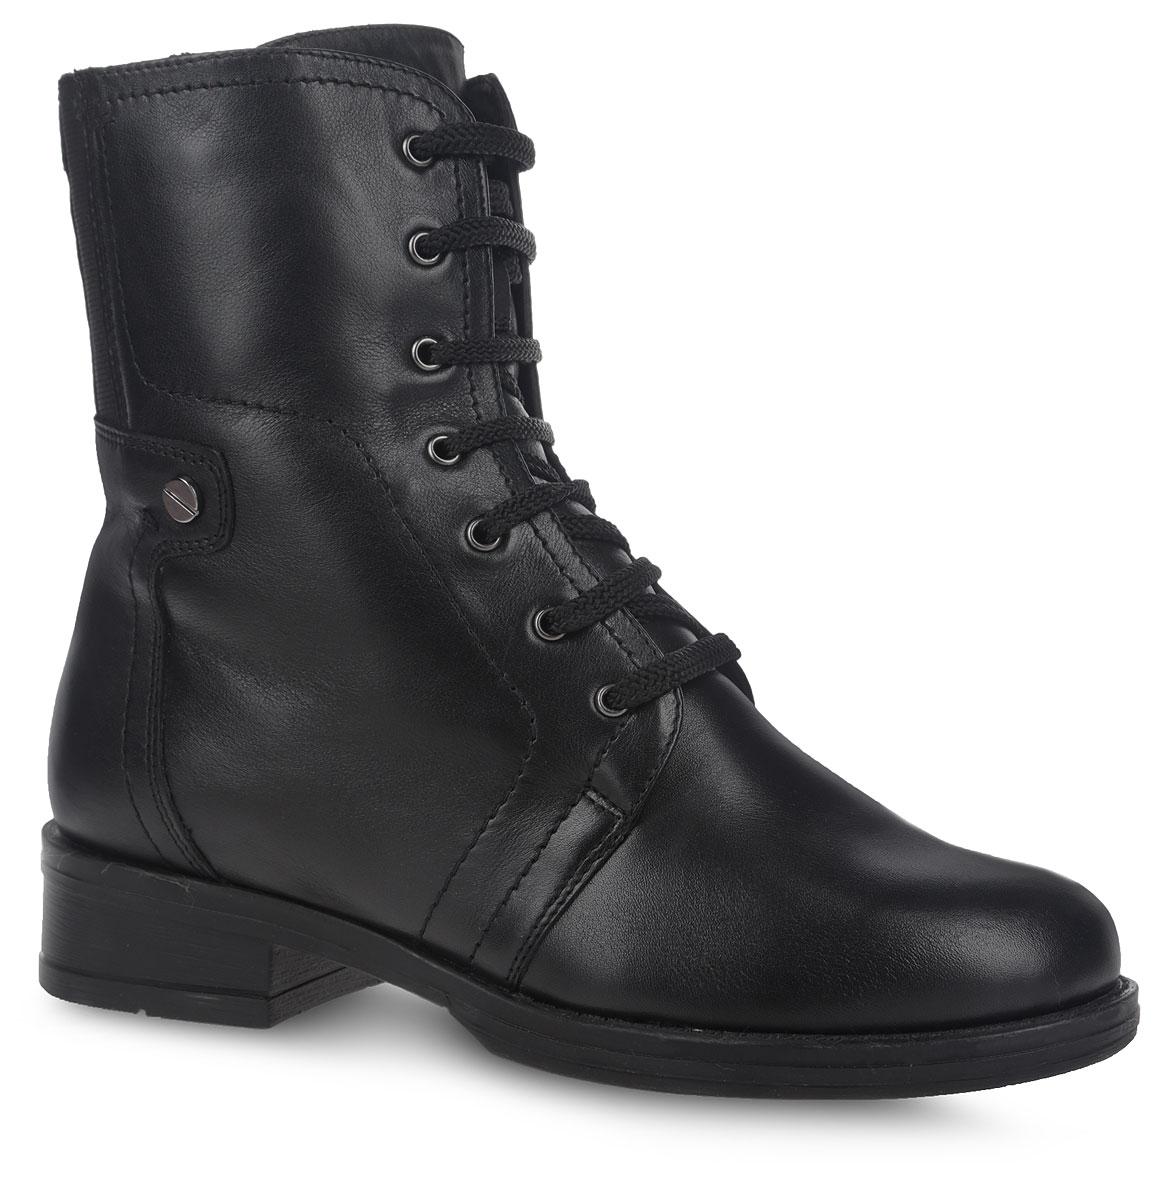 9SO_713-115_BLACKСтильные ботинки от Spur, выполненные из натуральной кожи, оформлены вставкой из эластичной резинки на голенище. Шнуровка надежно зафиксирует модель на ноге. Боковая застежка-молния позволяет легко снимать и надевать модель. Подкладка и стелька из натуральной шерсти сохранят ноги в тепле. Небольшой каблук и подошва с рифлением обеспечивают хорошее сцепление с любой поверхностью. В таких ботинках вашим ногам будет комфортно и уютно.